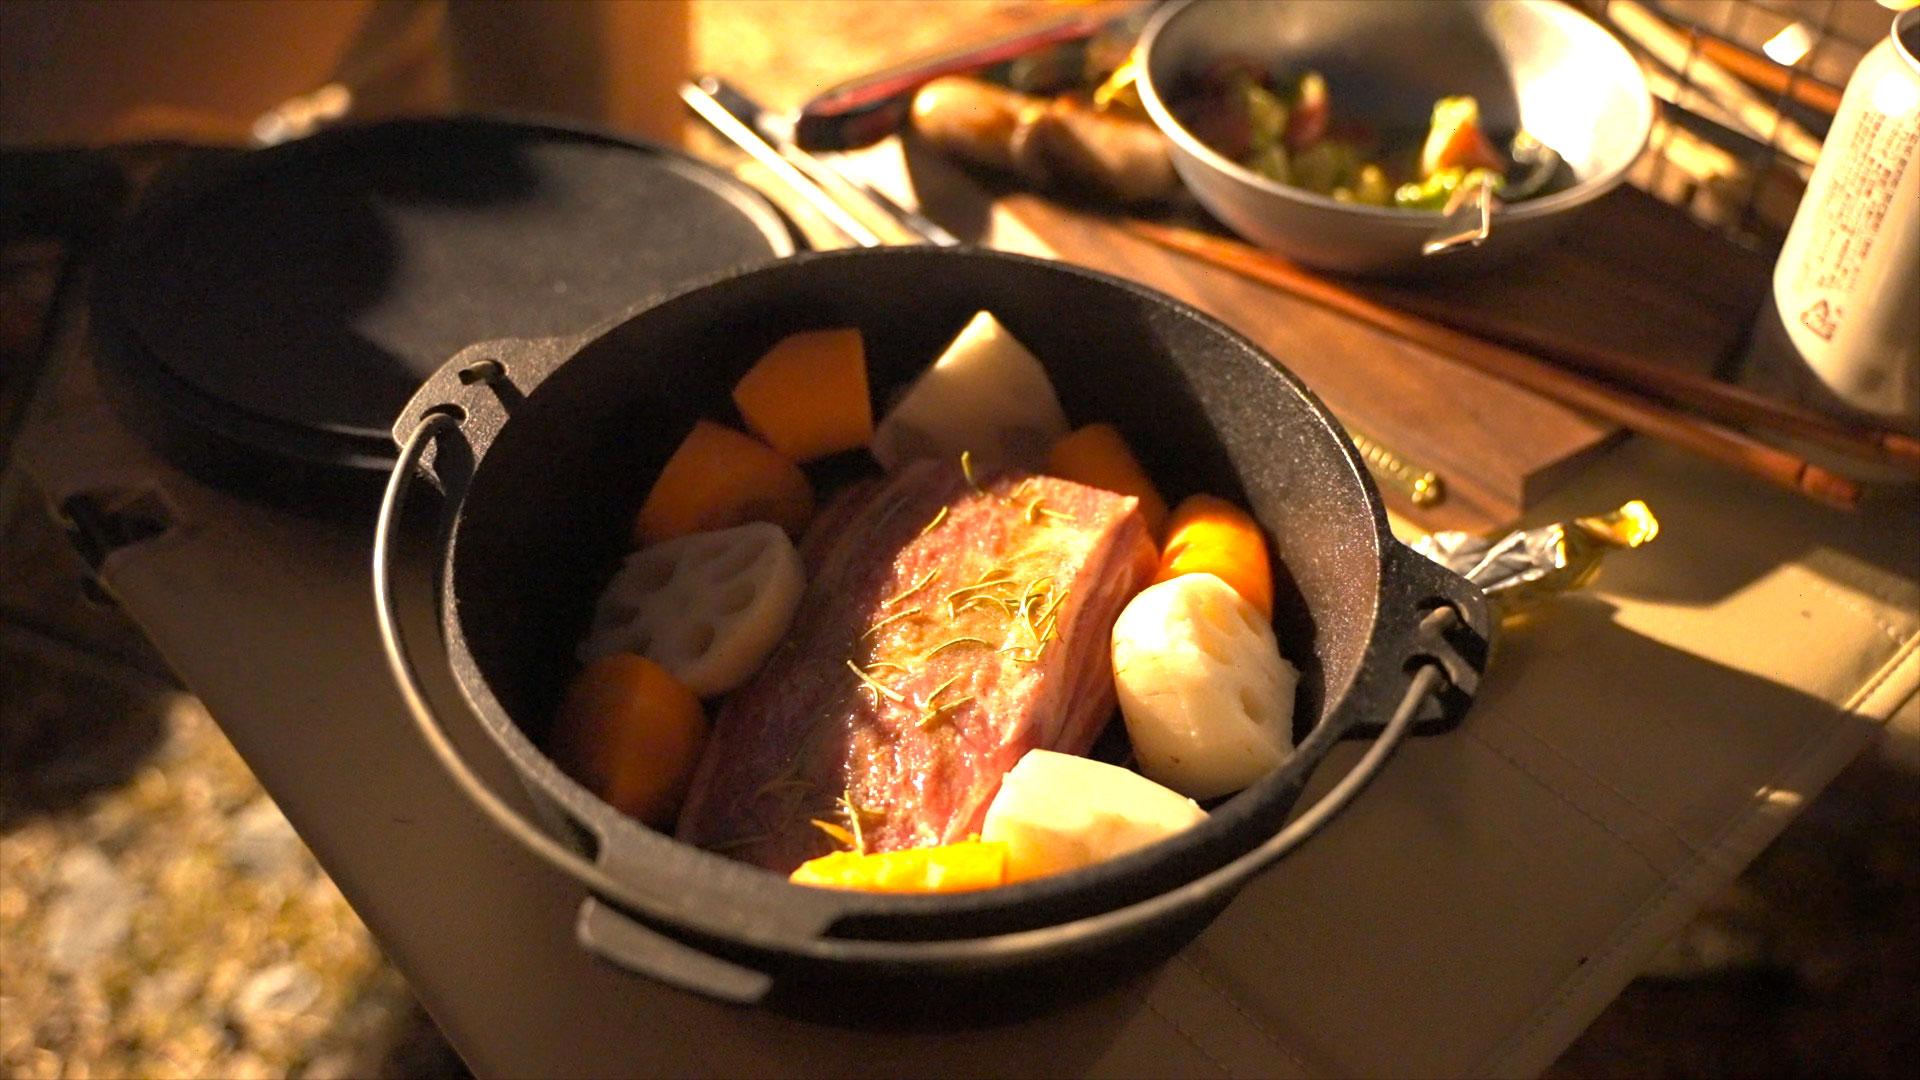 ダッチオーブンの下に網をしくと焦げつきを防ぐことができます